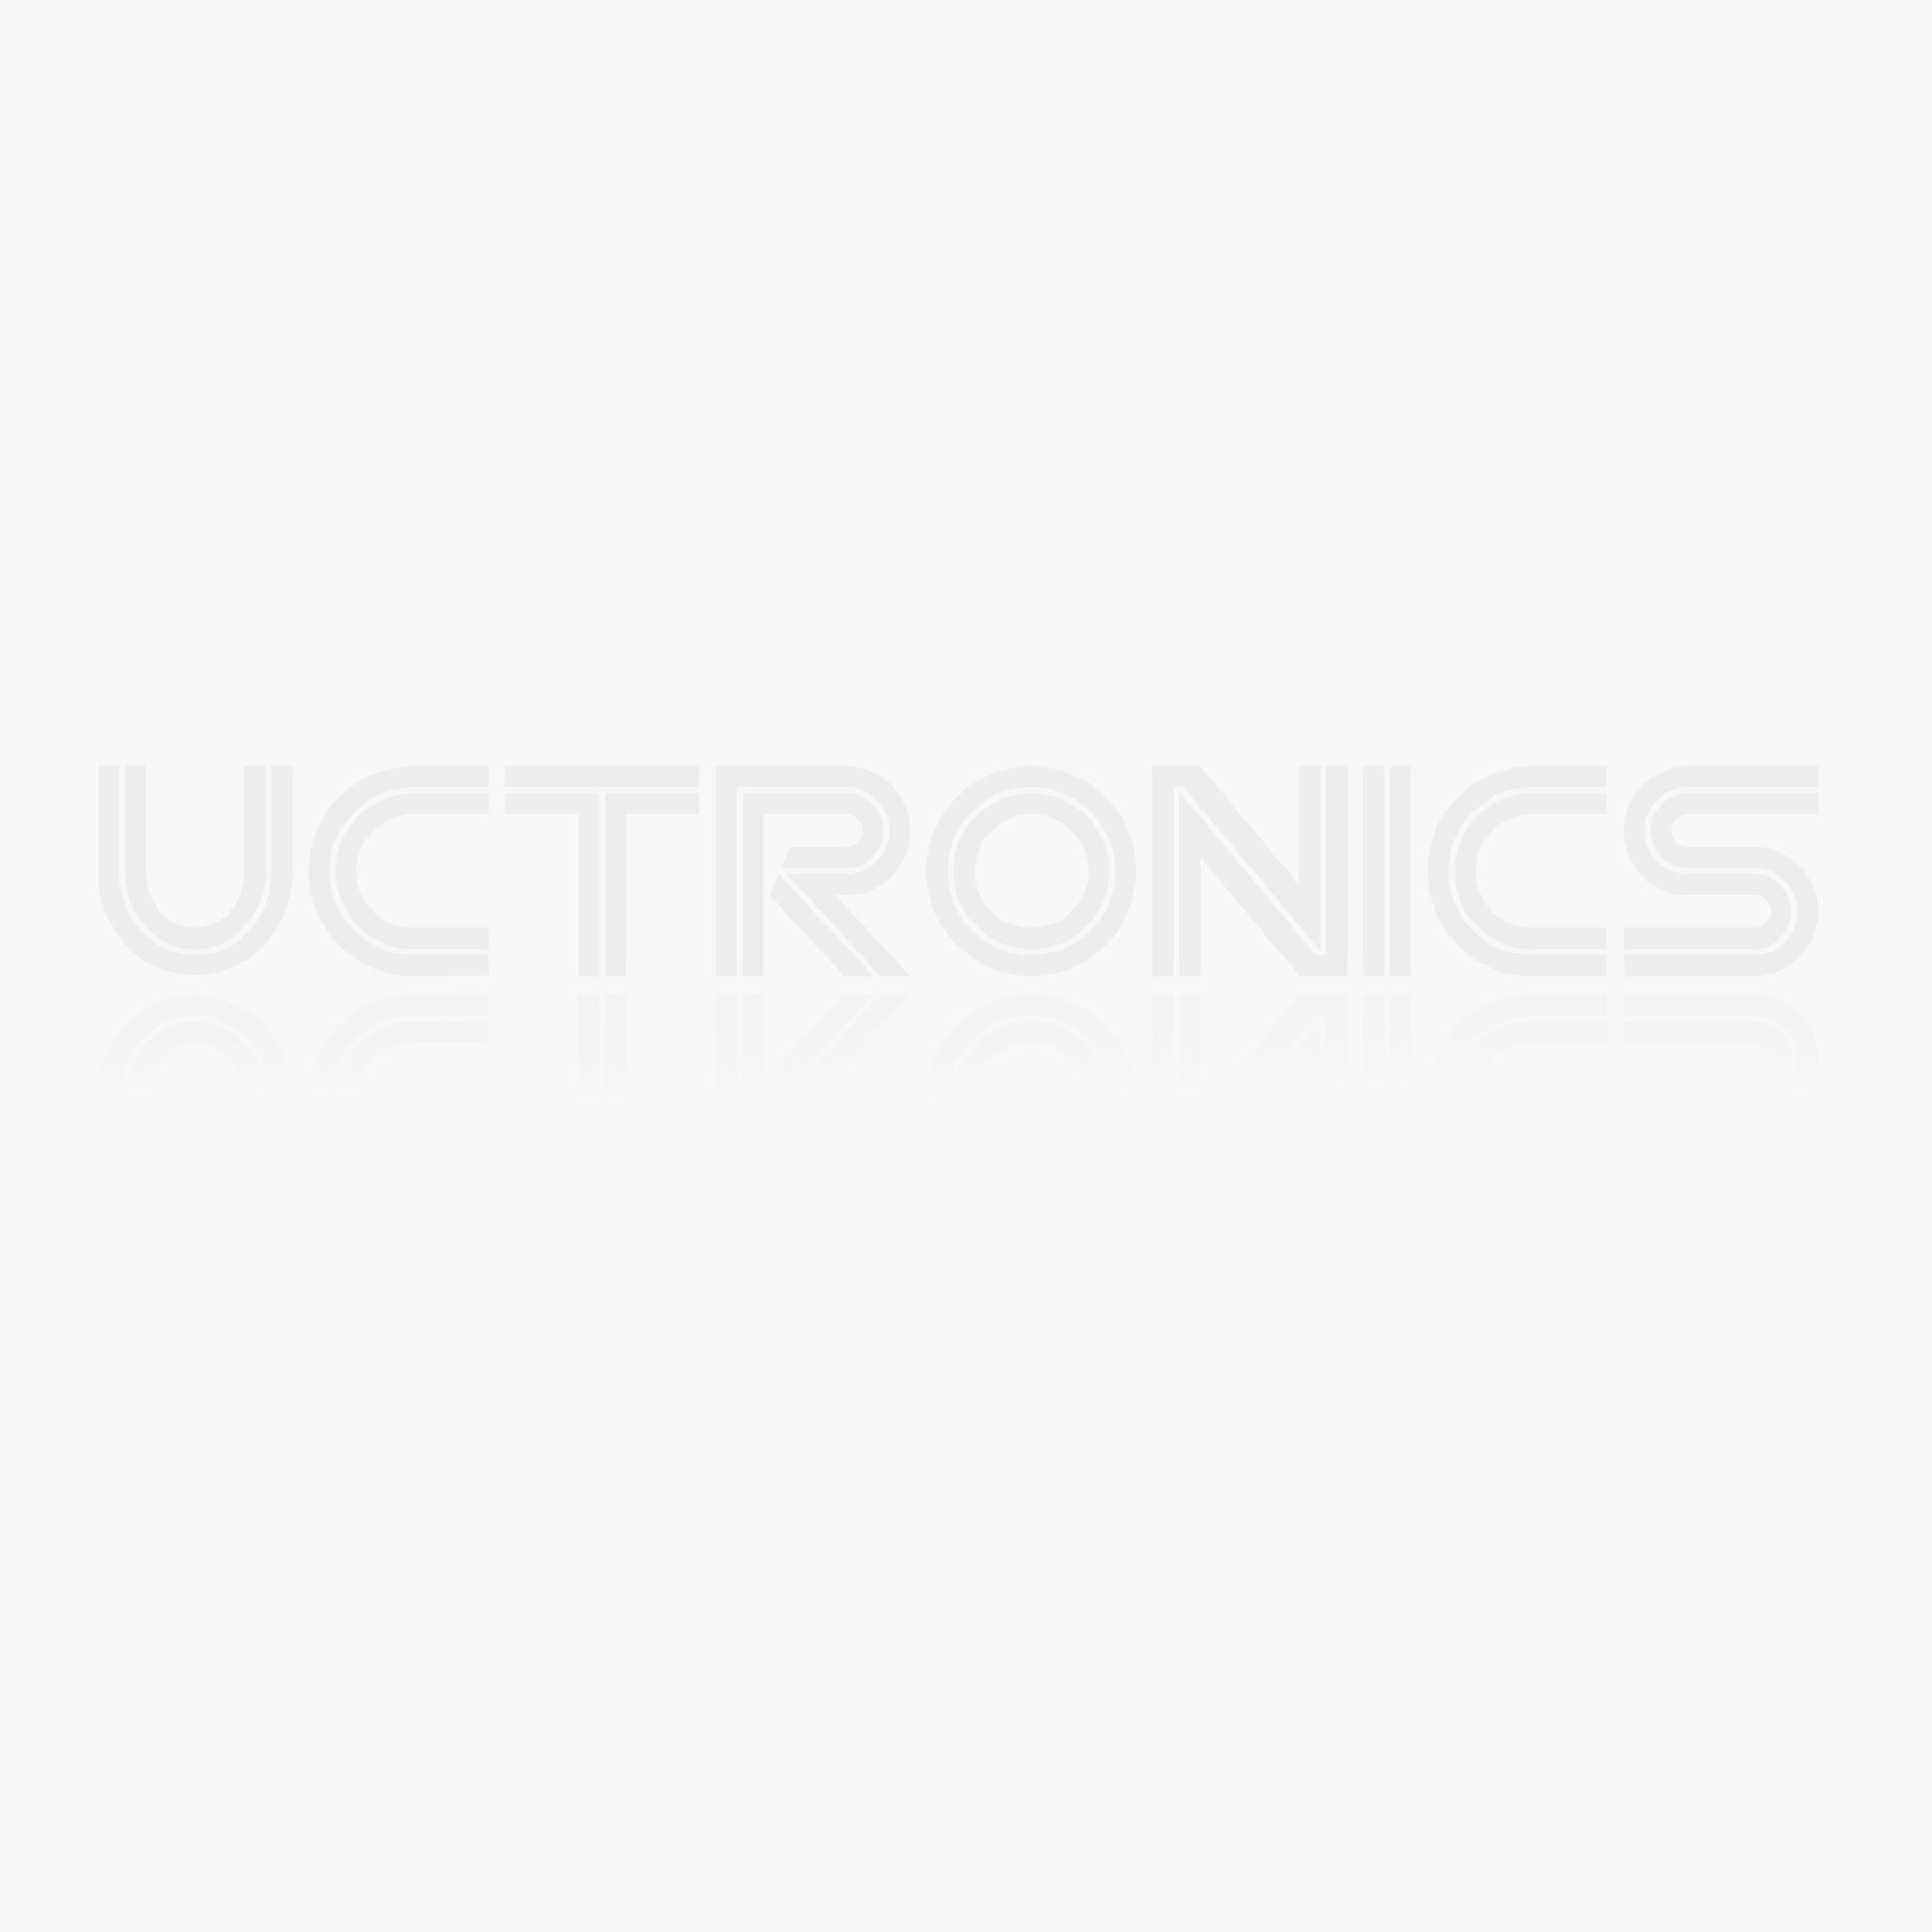 MAG3110 3-Axis digital Geomagnetic Sensor Module IIC interface Magnetic Field